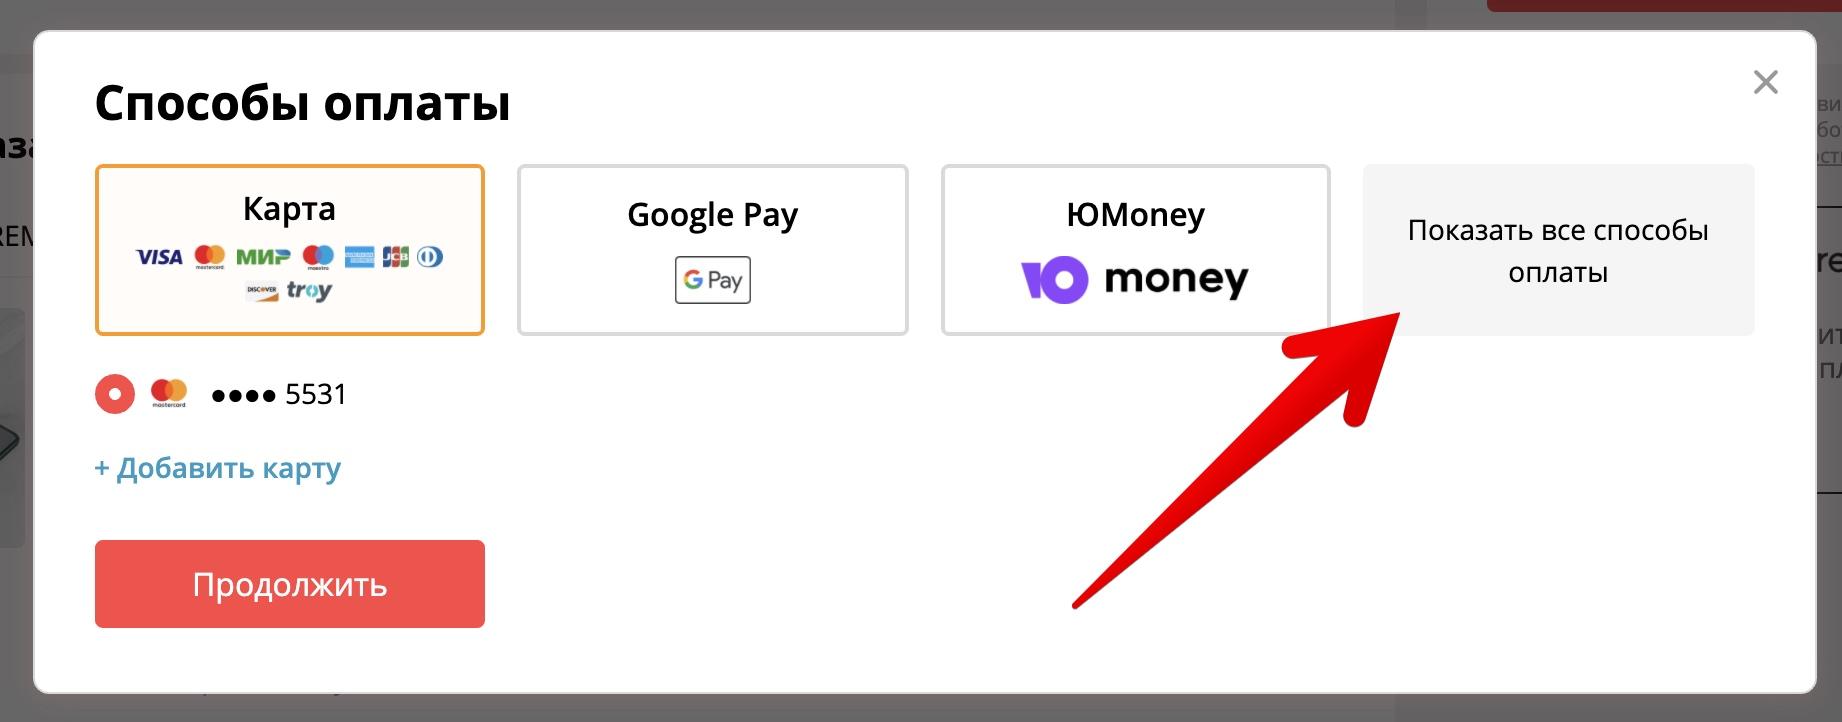 Ответить на Как оплатить Алиэкспресс через Киви (QIWI)?